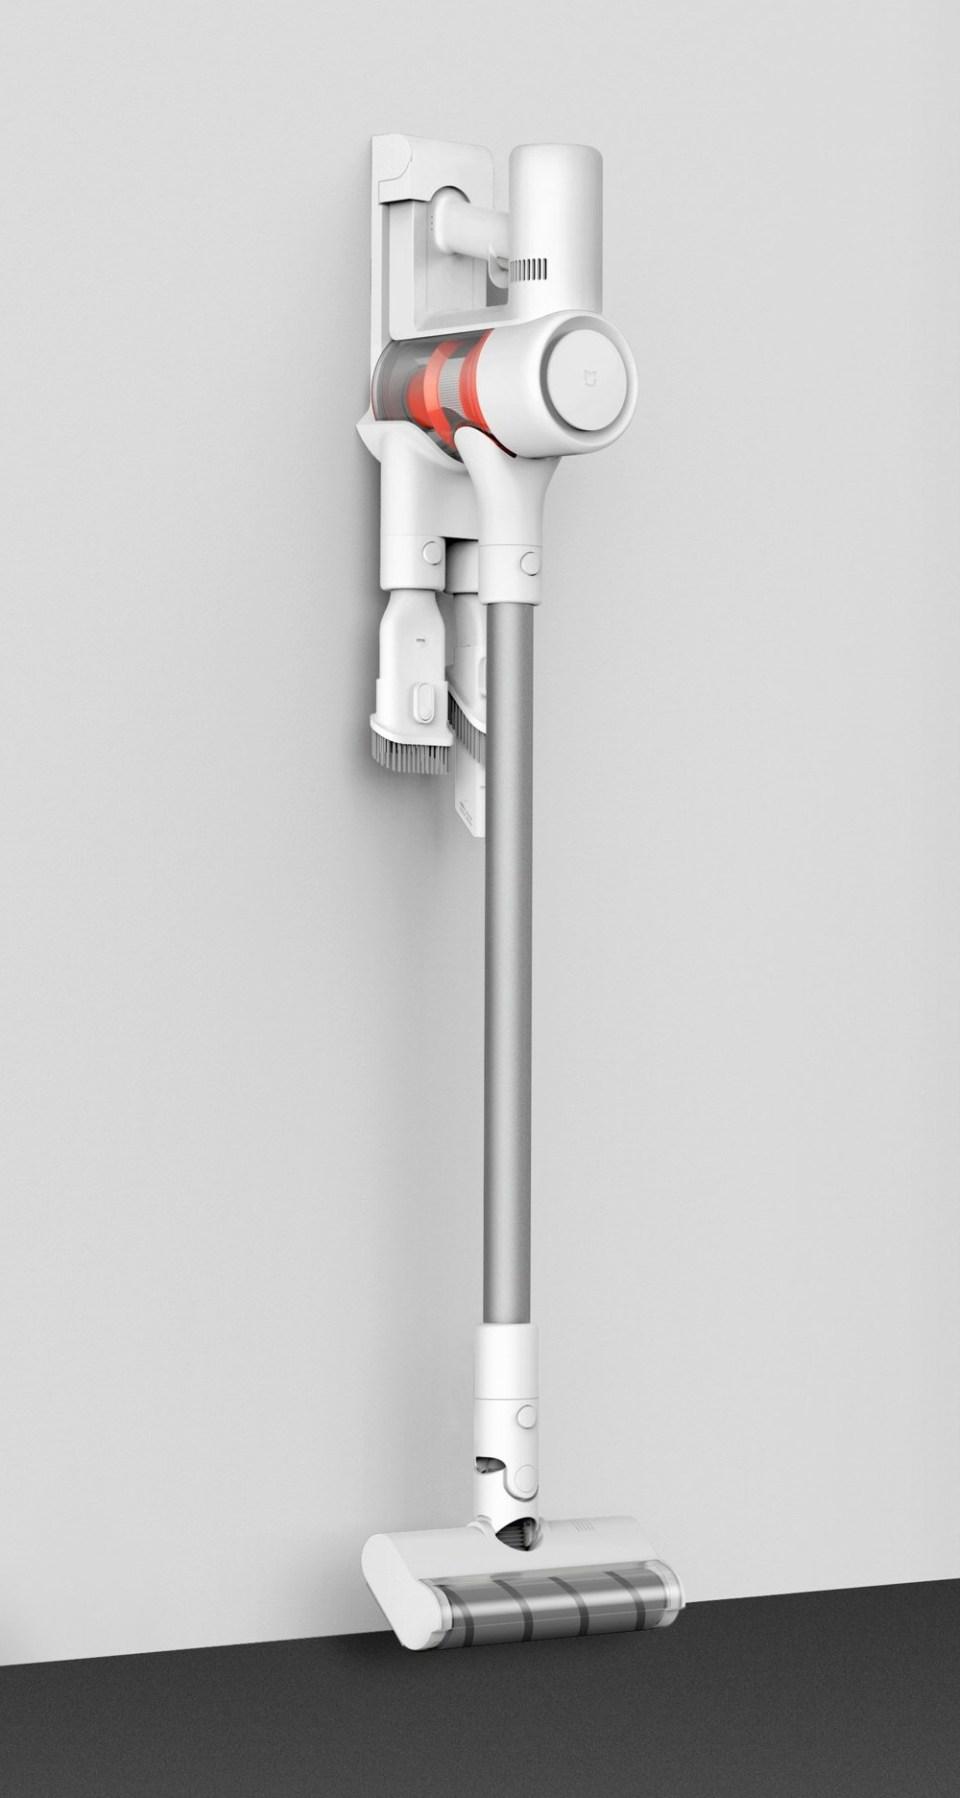 Mi Handheld Vacuum Cleaner 1c 1